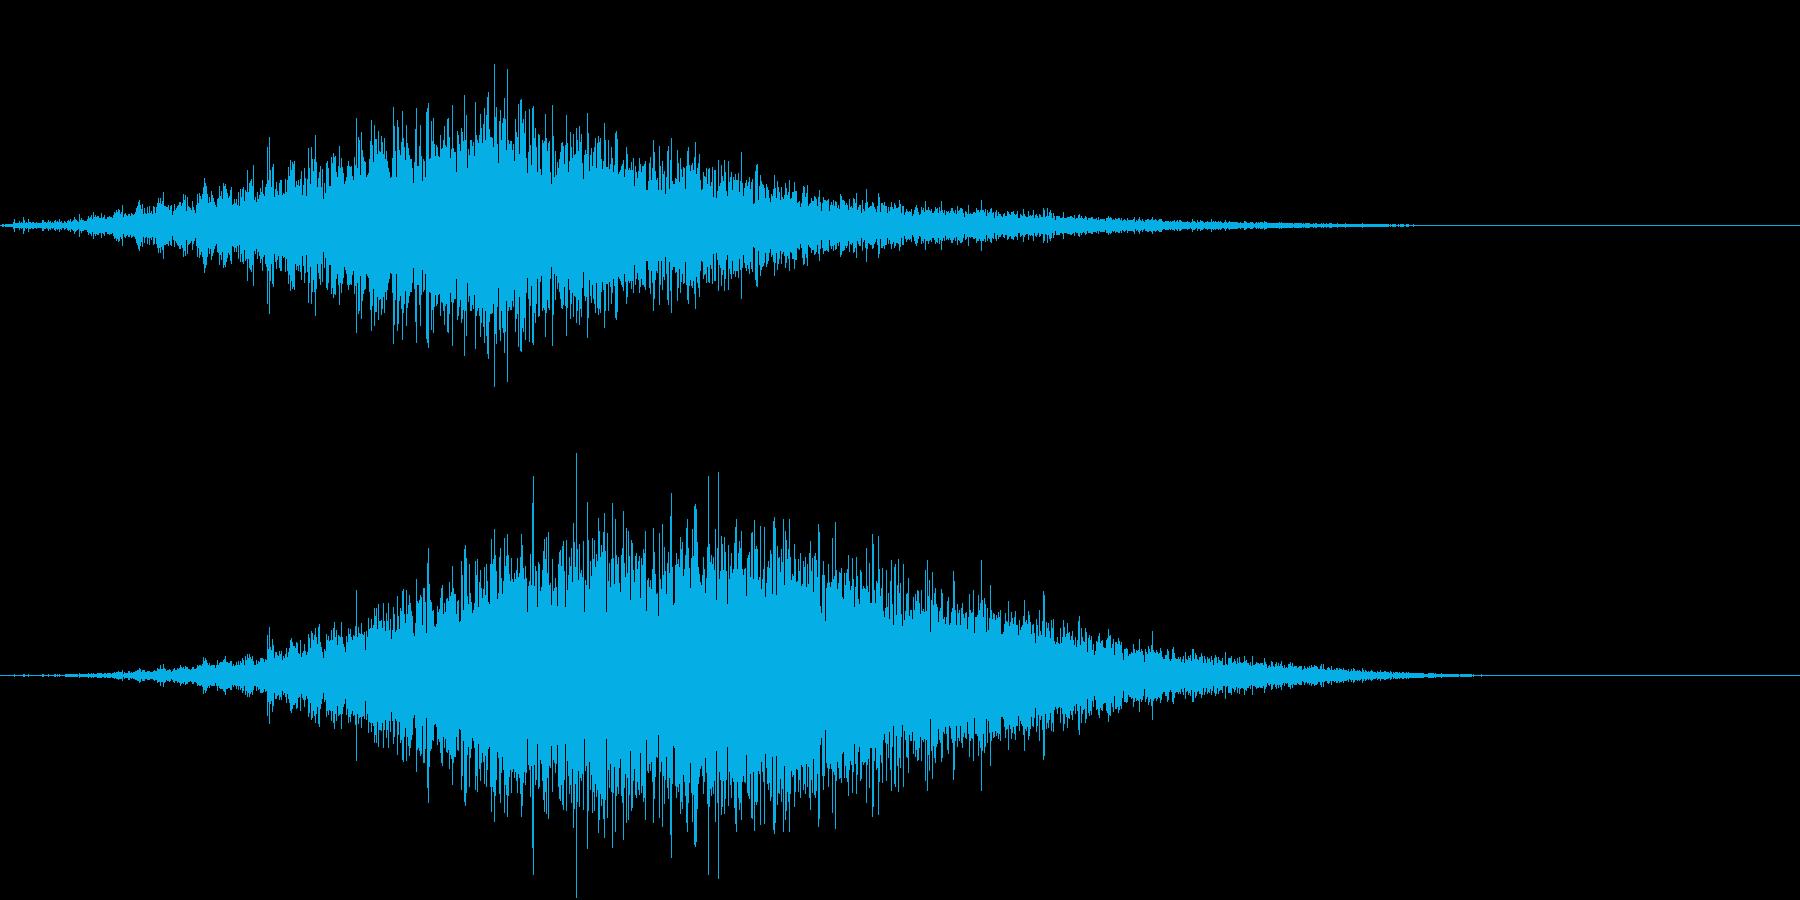 音侍SE「フルフル〜」軽快な振り鈴L-Rの再生済みの波形